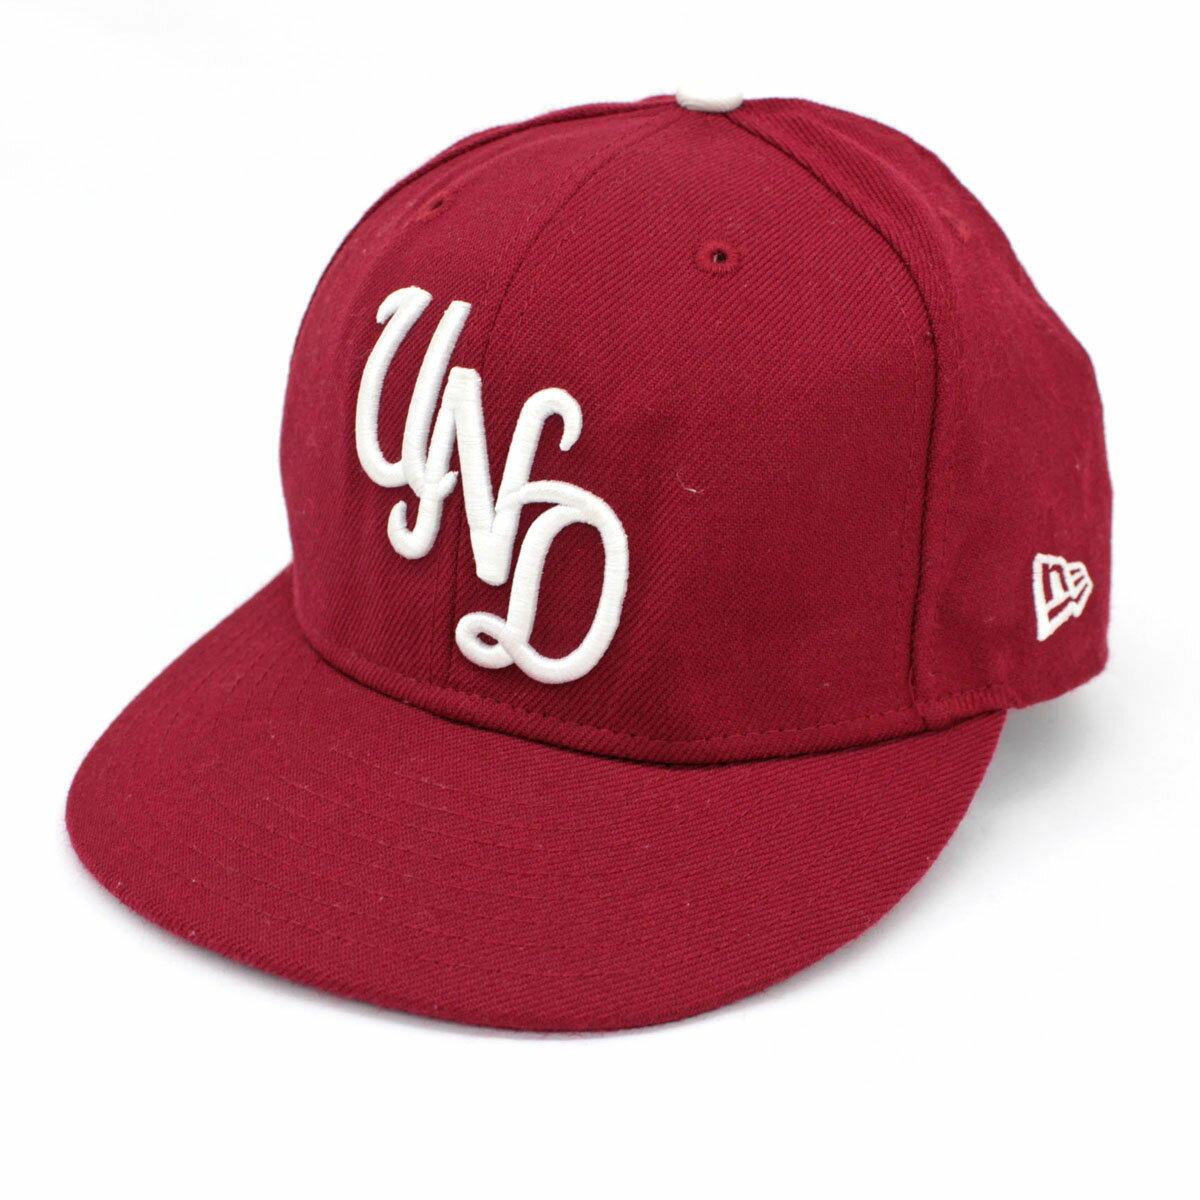 メンズ帽子, キャップ NEW ERAUNDEFEATED 7(12)